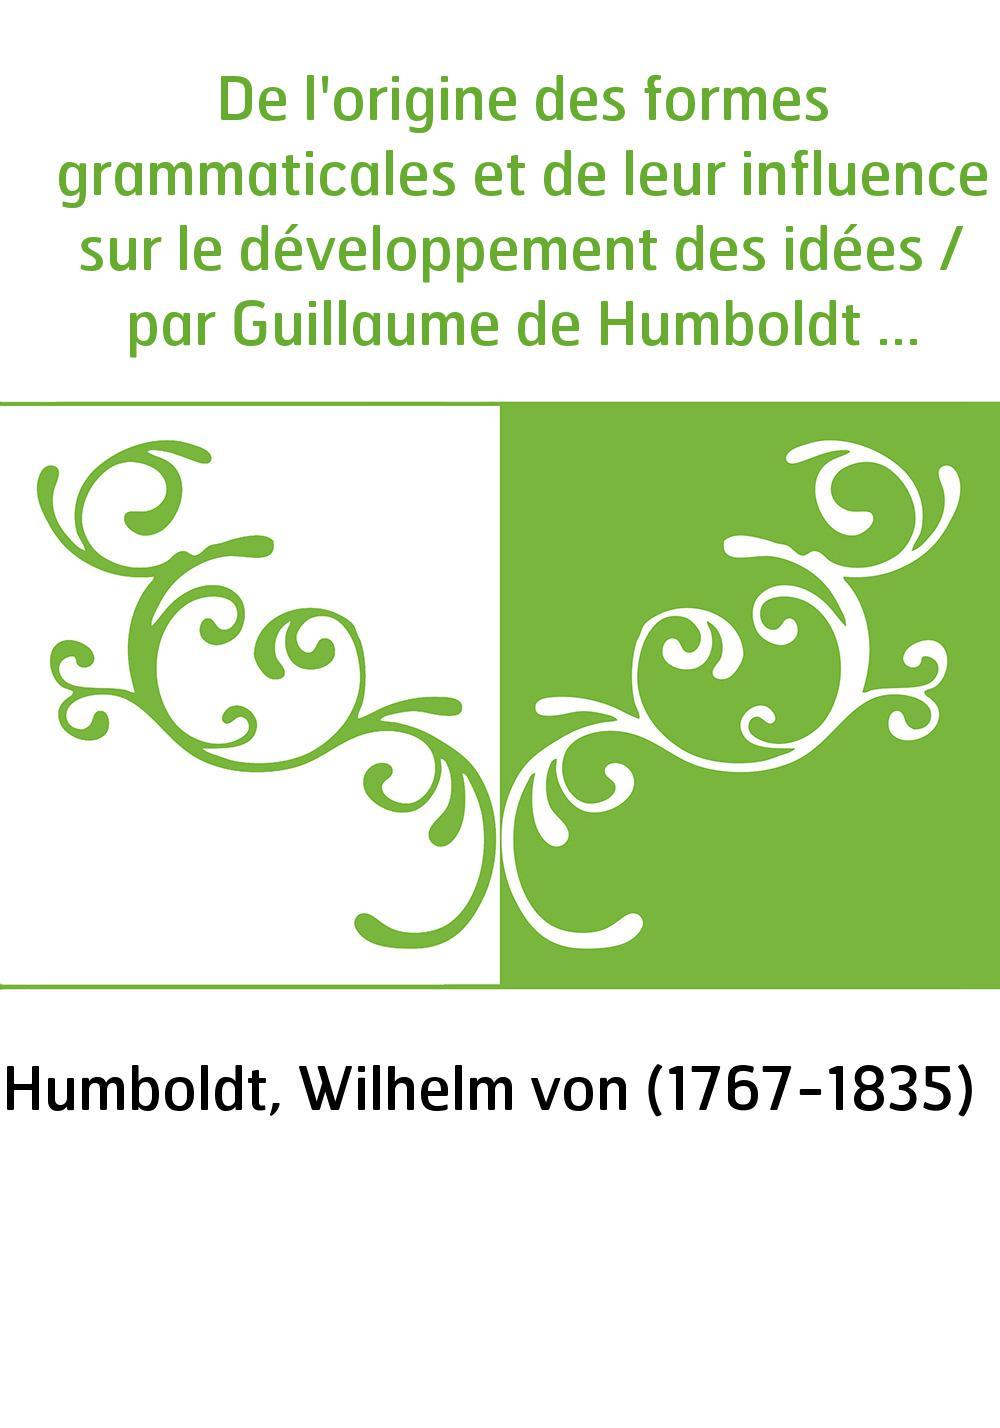 De l'origine des formes grammaticales et de leur influence sur le développement des idées / par Guillaume de Humboldt , opuscule